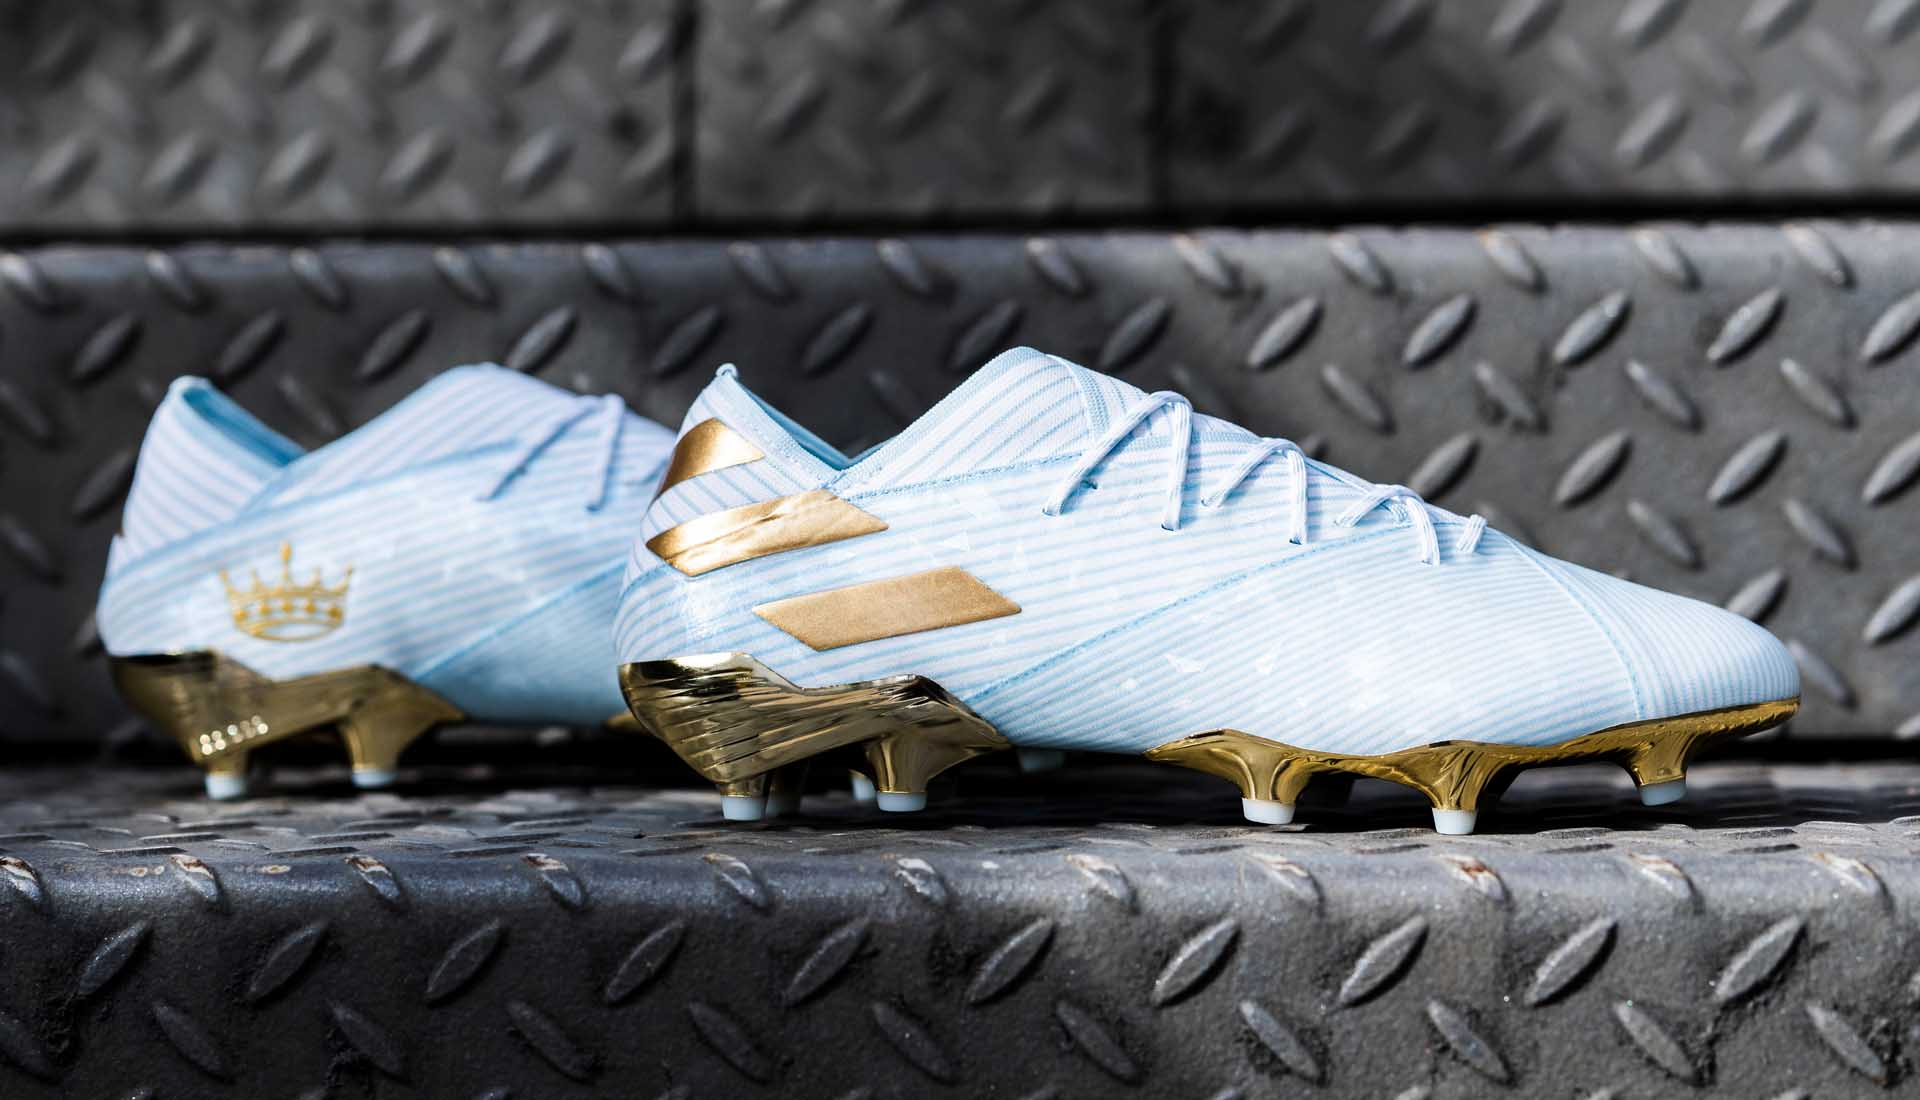 Giày đá banh chính hãng. Giày đá banh Adidas. Giày đá banh Adidas Nemeziz Messi.